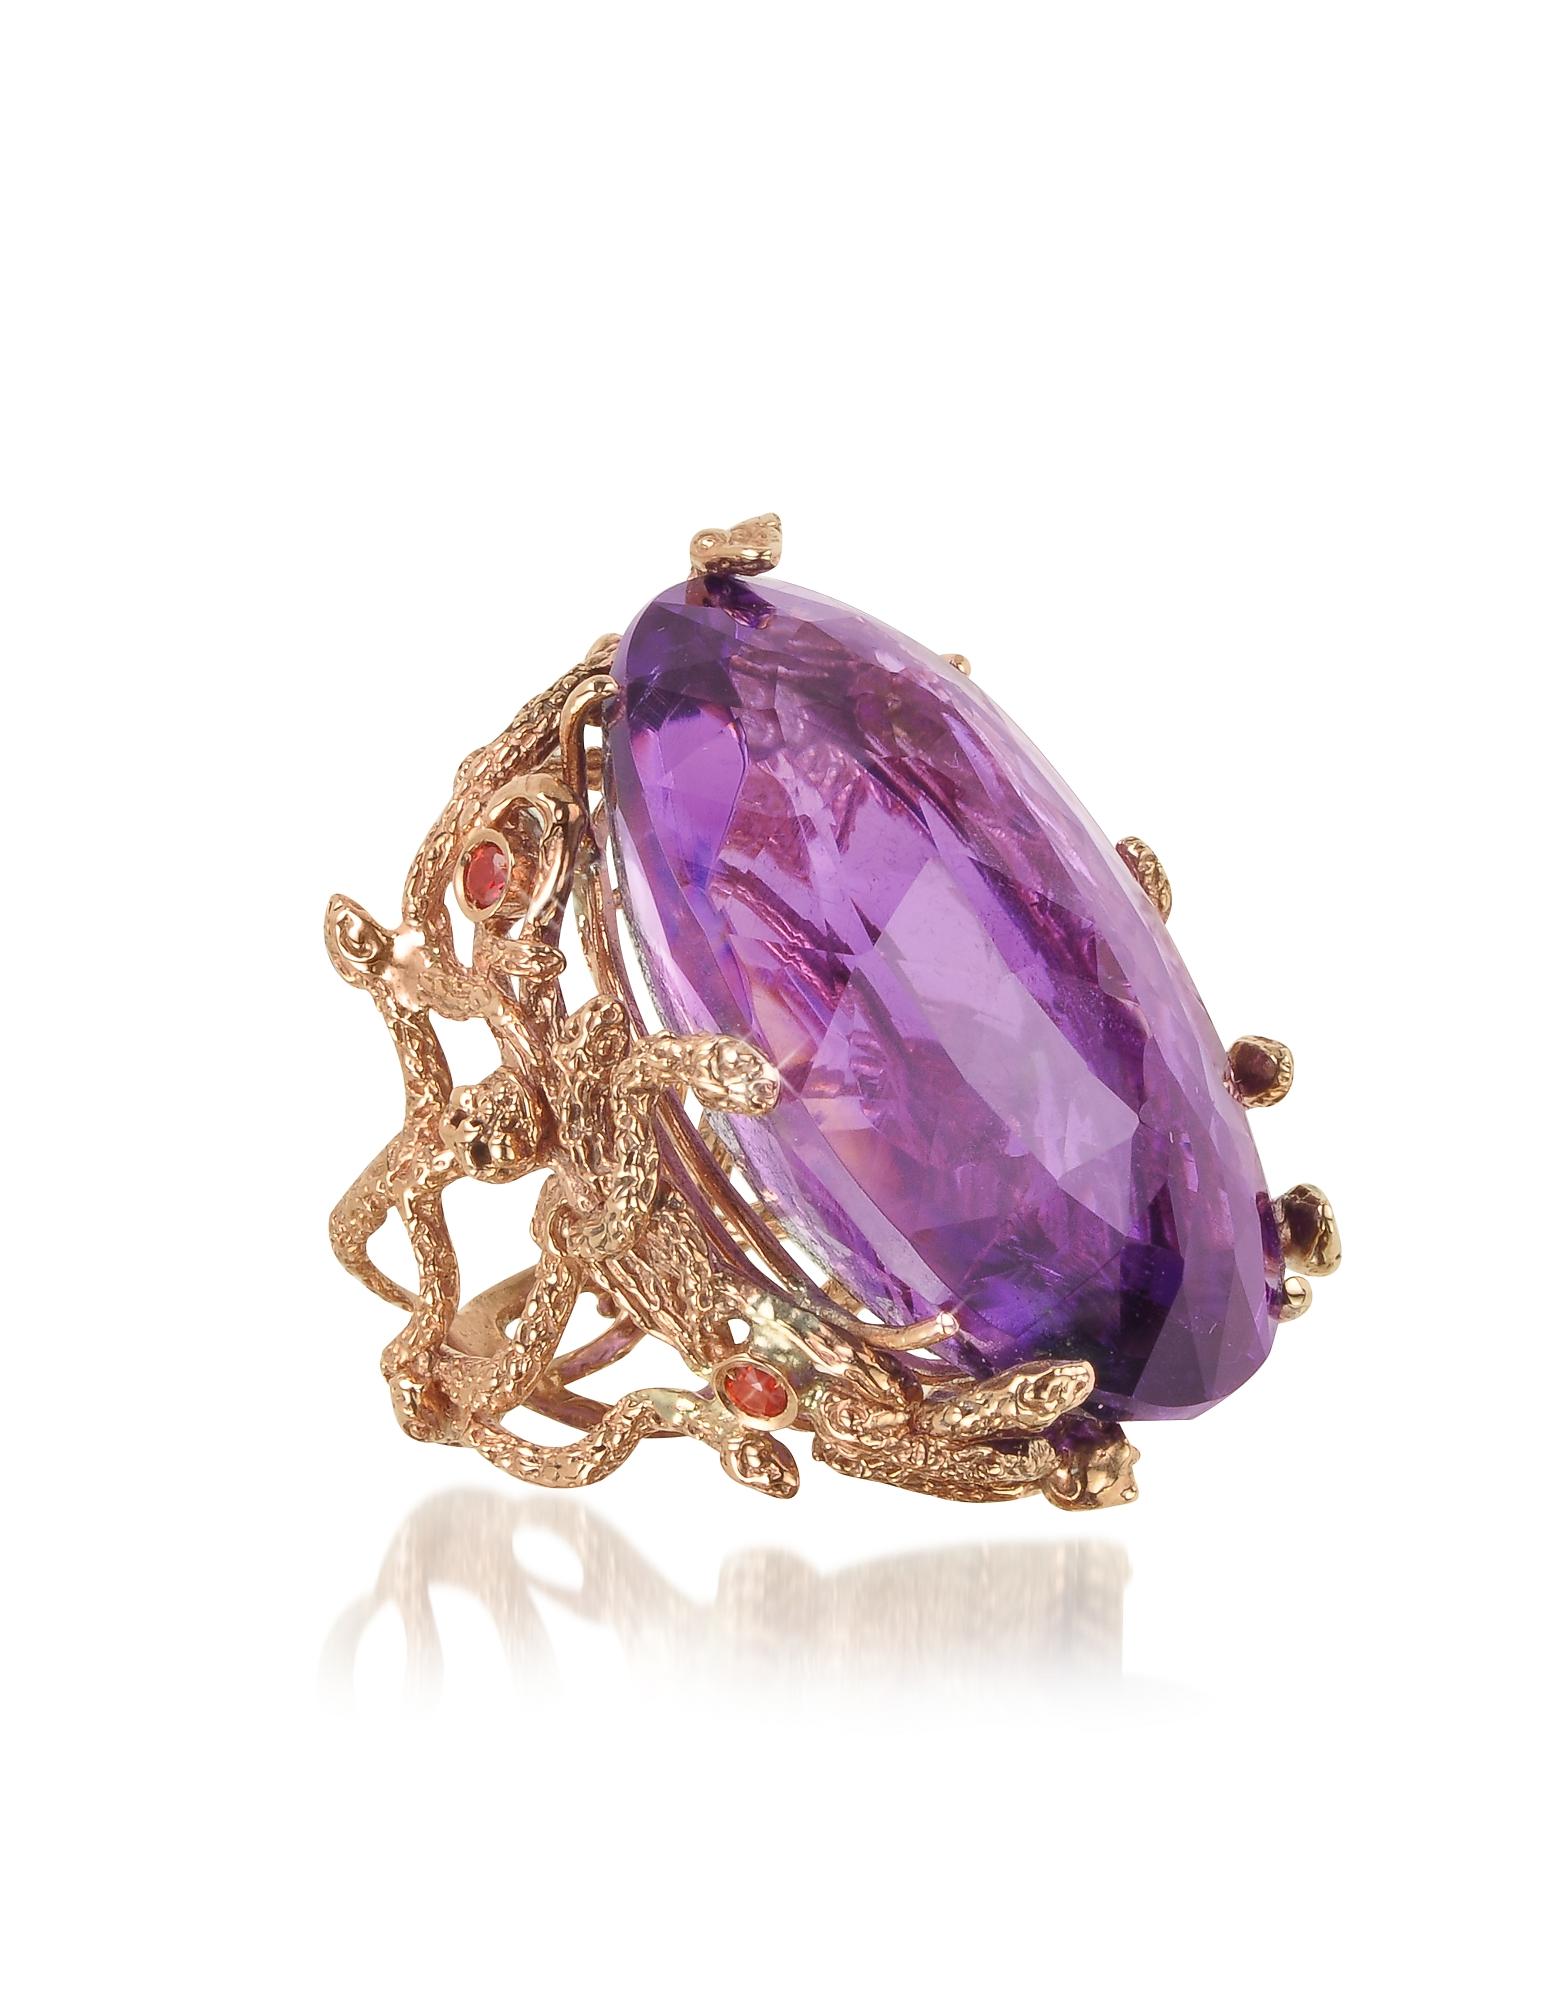 Bernard Delettrez Rings, Medusa Rose Gold w/Dark Violet Amethyst Medusa Ring